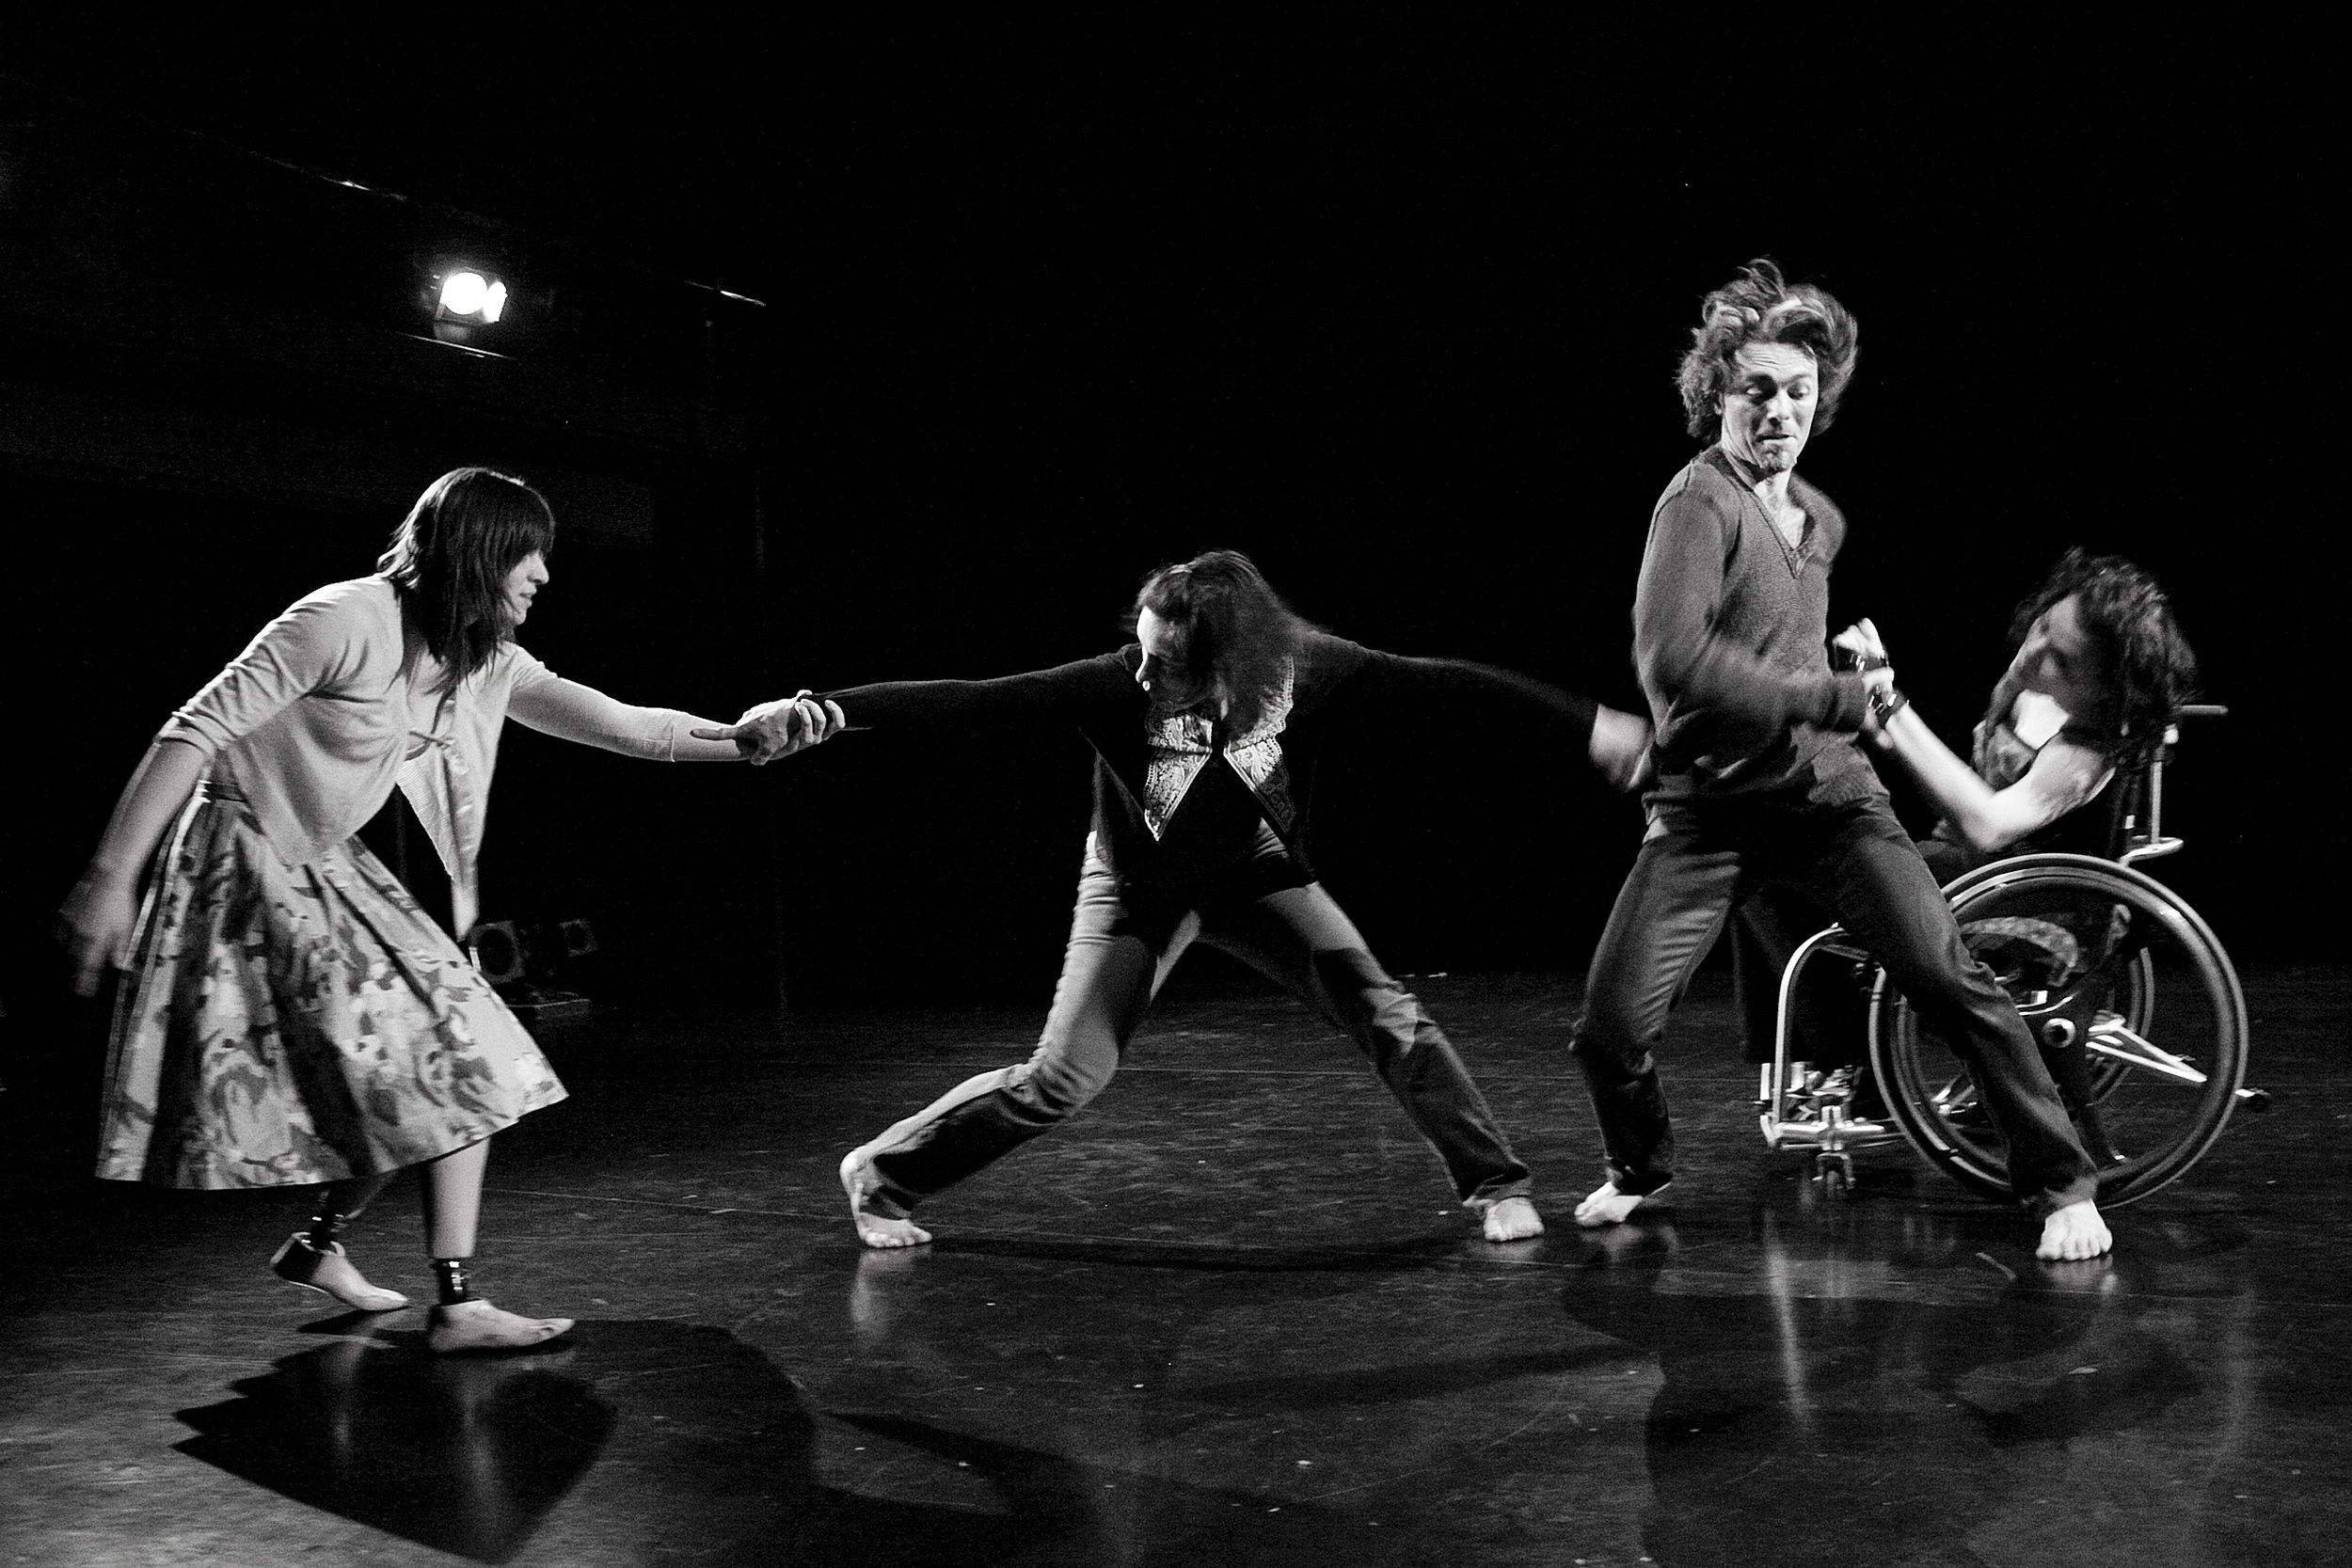 Photographer - Frédérick Duchesne, Choreographer -Estelle Clareton, Dancers- Marie-Hélène Bellavance, Annie De Pauw, Tom Casey, France Geoffroy